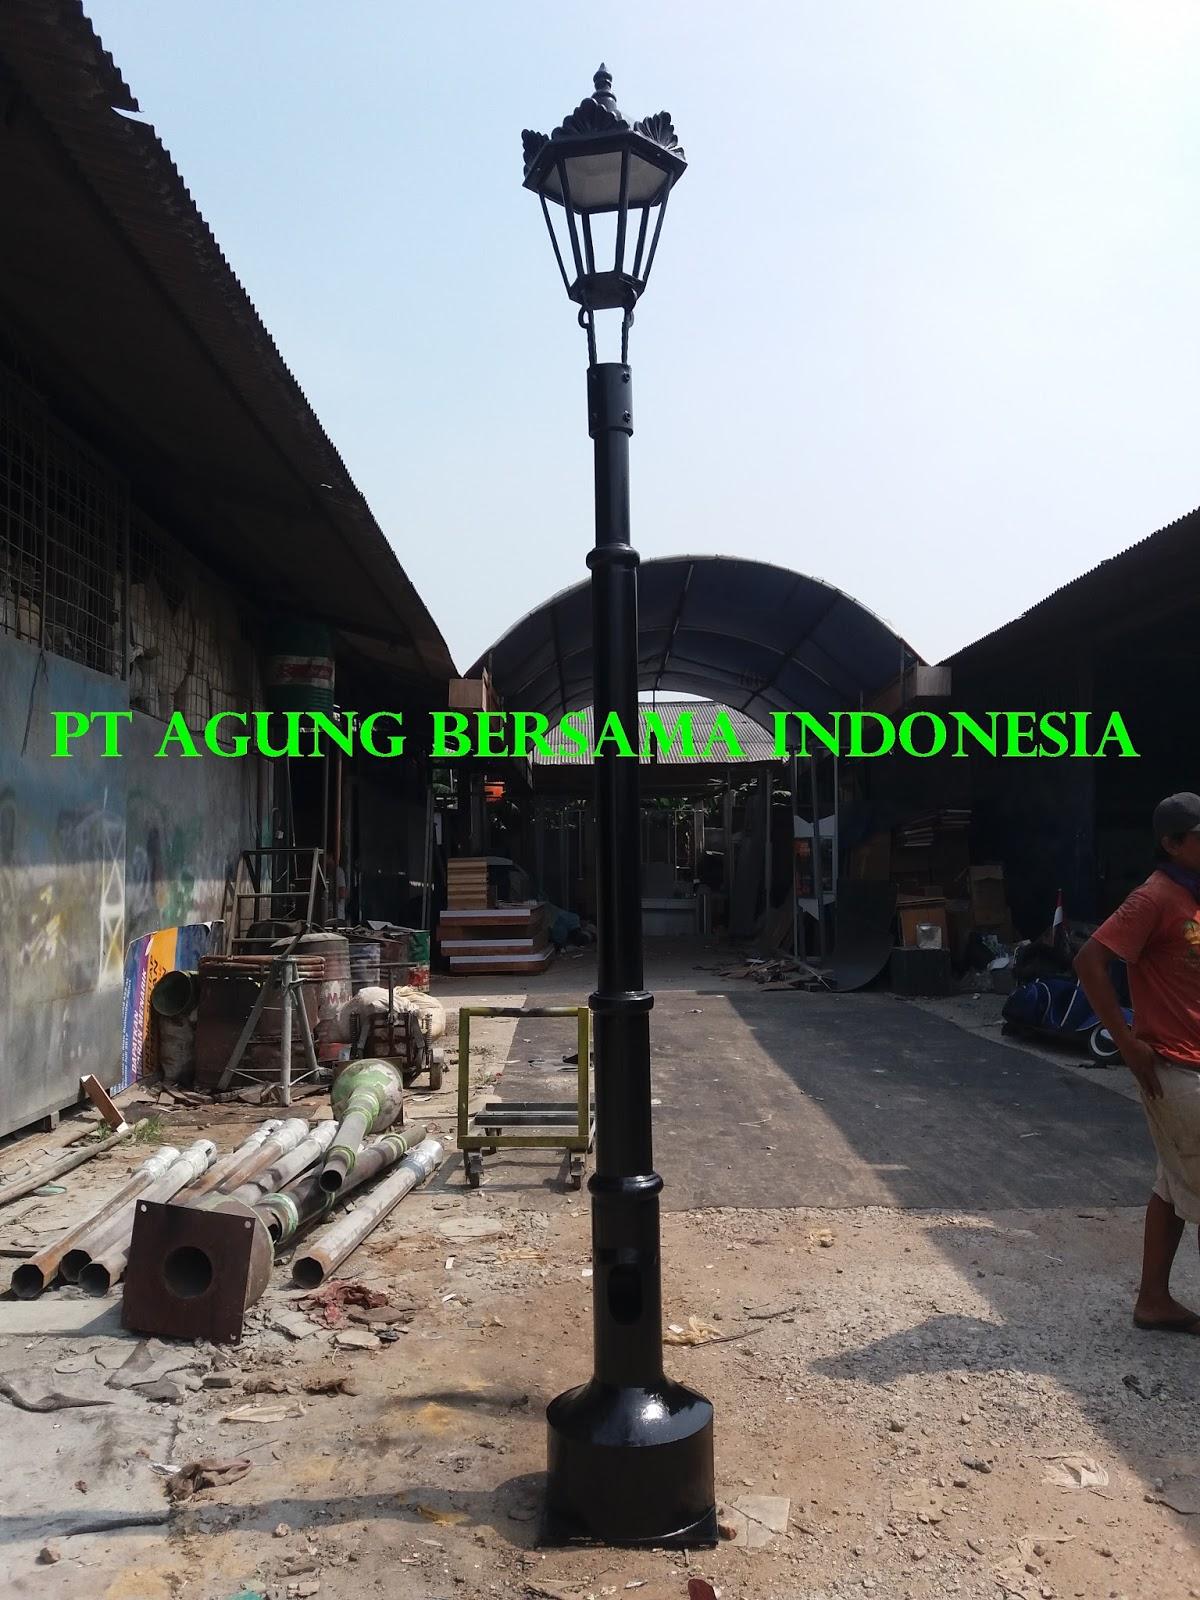 Harga Tiang Lampu Taman 3 4 5 Meter Antik Dekoratif Abi Harga Jual Tiang Lampu Lampu Taman Lampu Jalan Lampu Pju 3 4 5 6 7 9 Meter